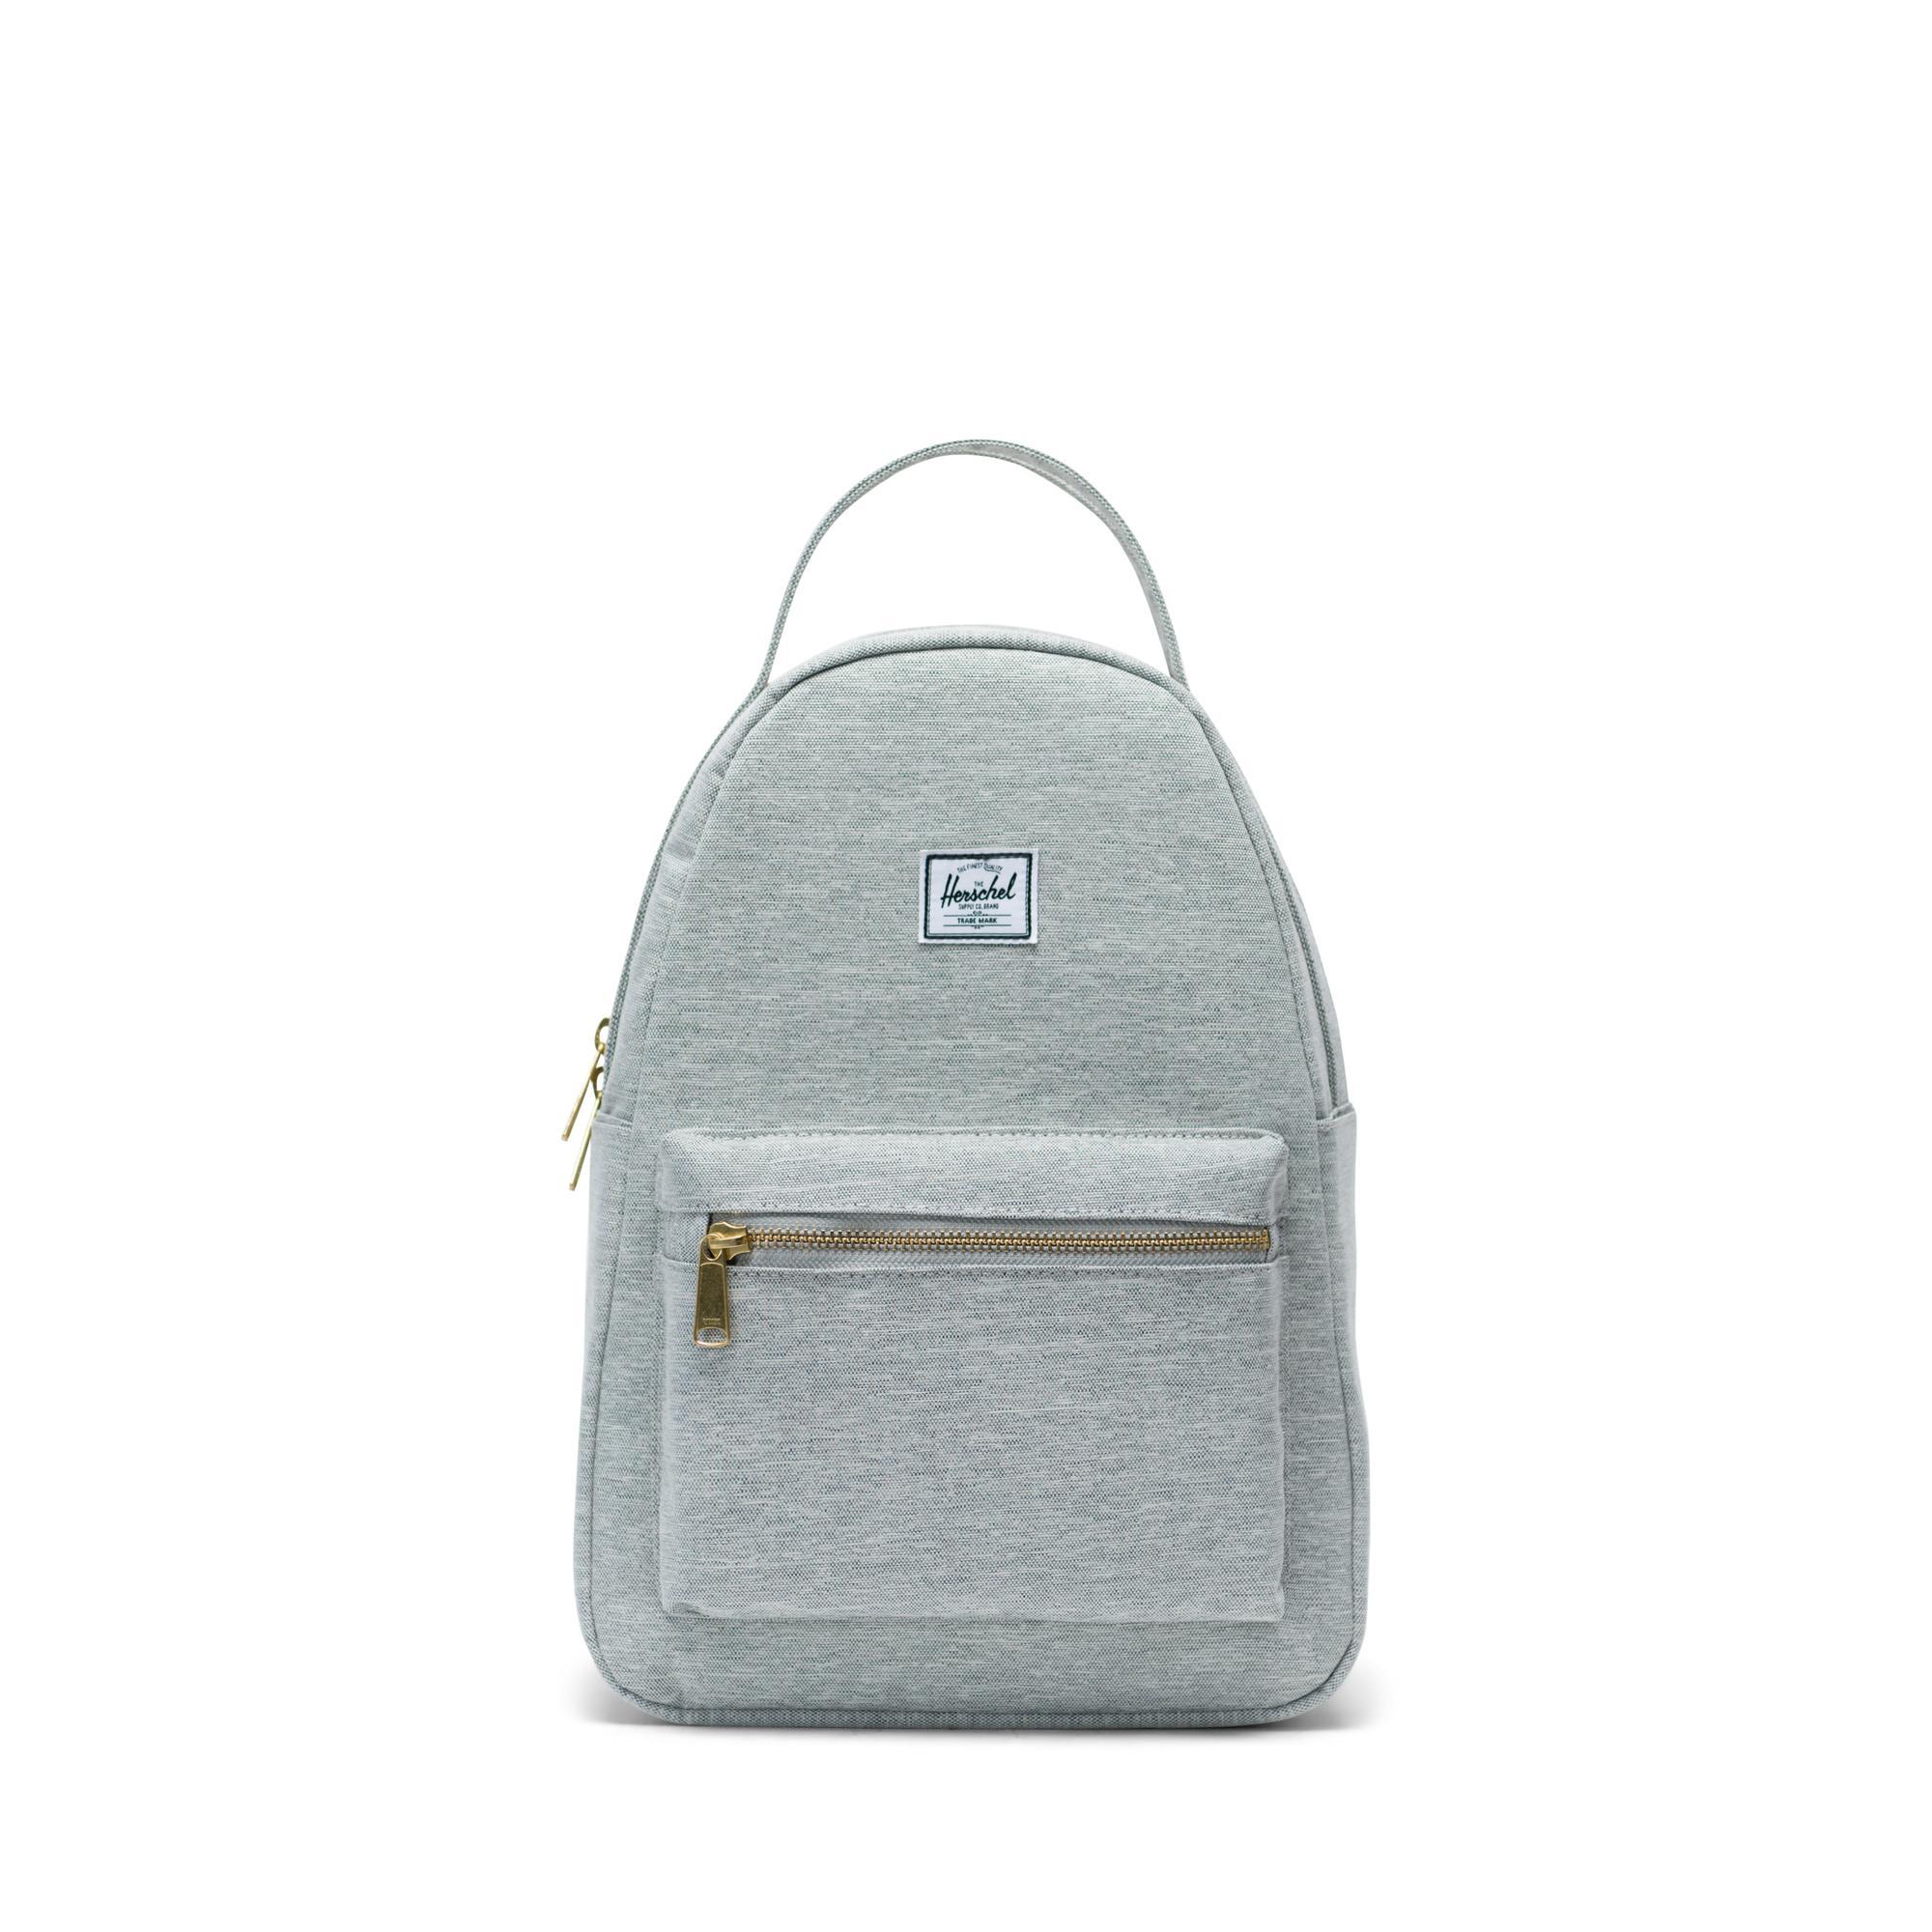 Nova Backpack XS  5c7f79fc9474b